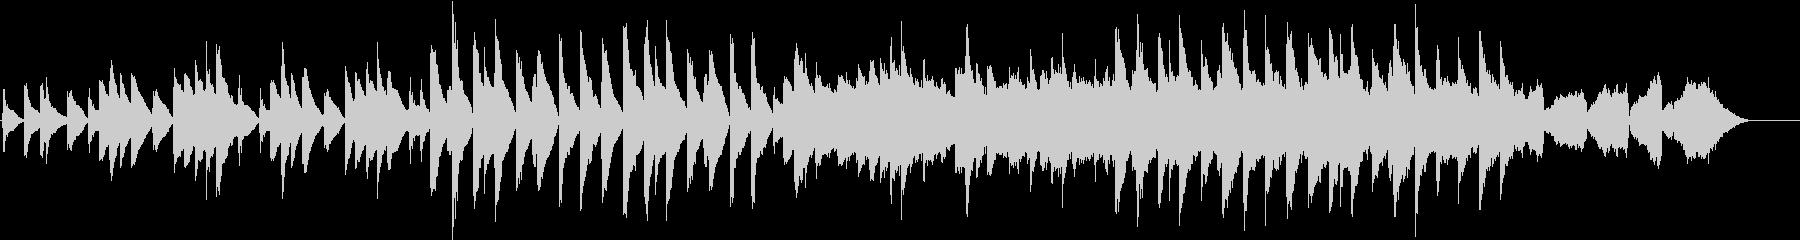 ピアノと弦楽器の音が特徴的のバラードの未再生の波形